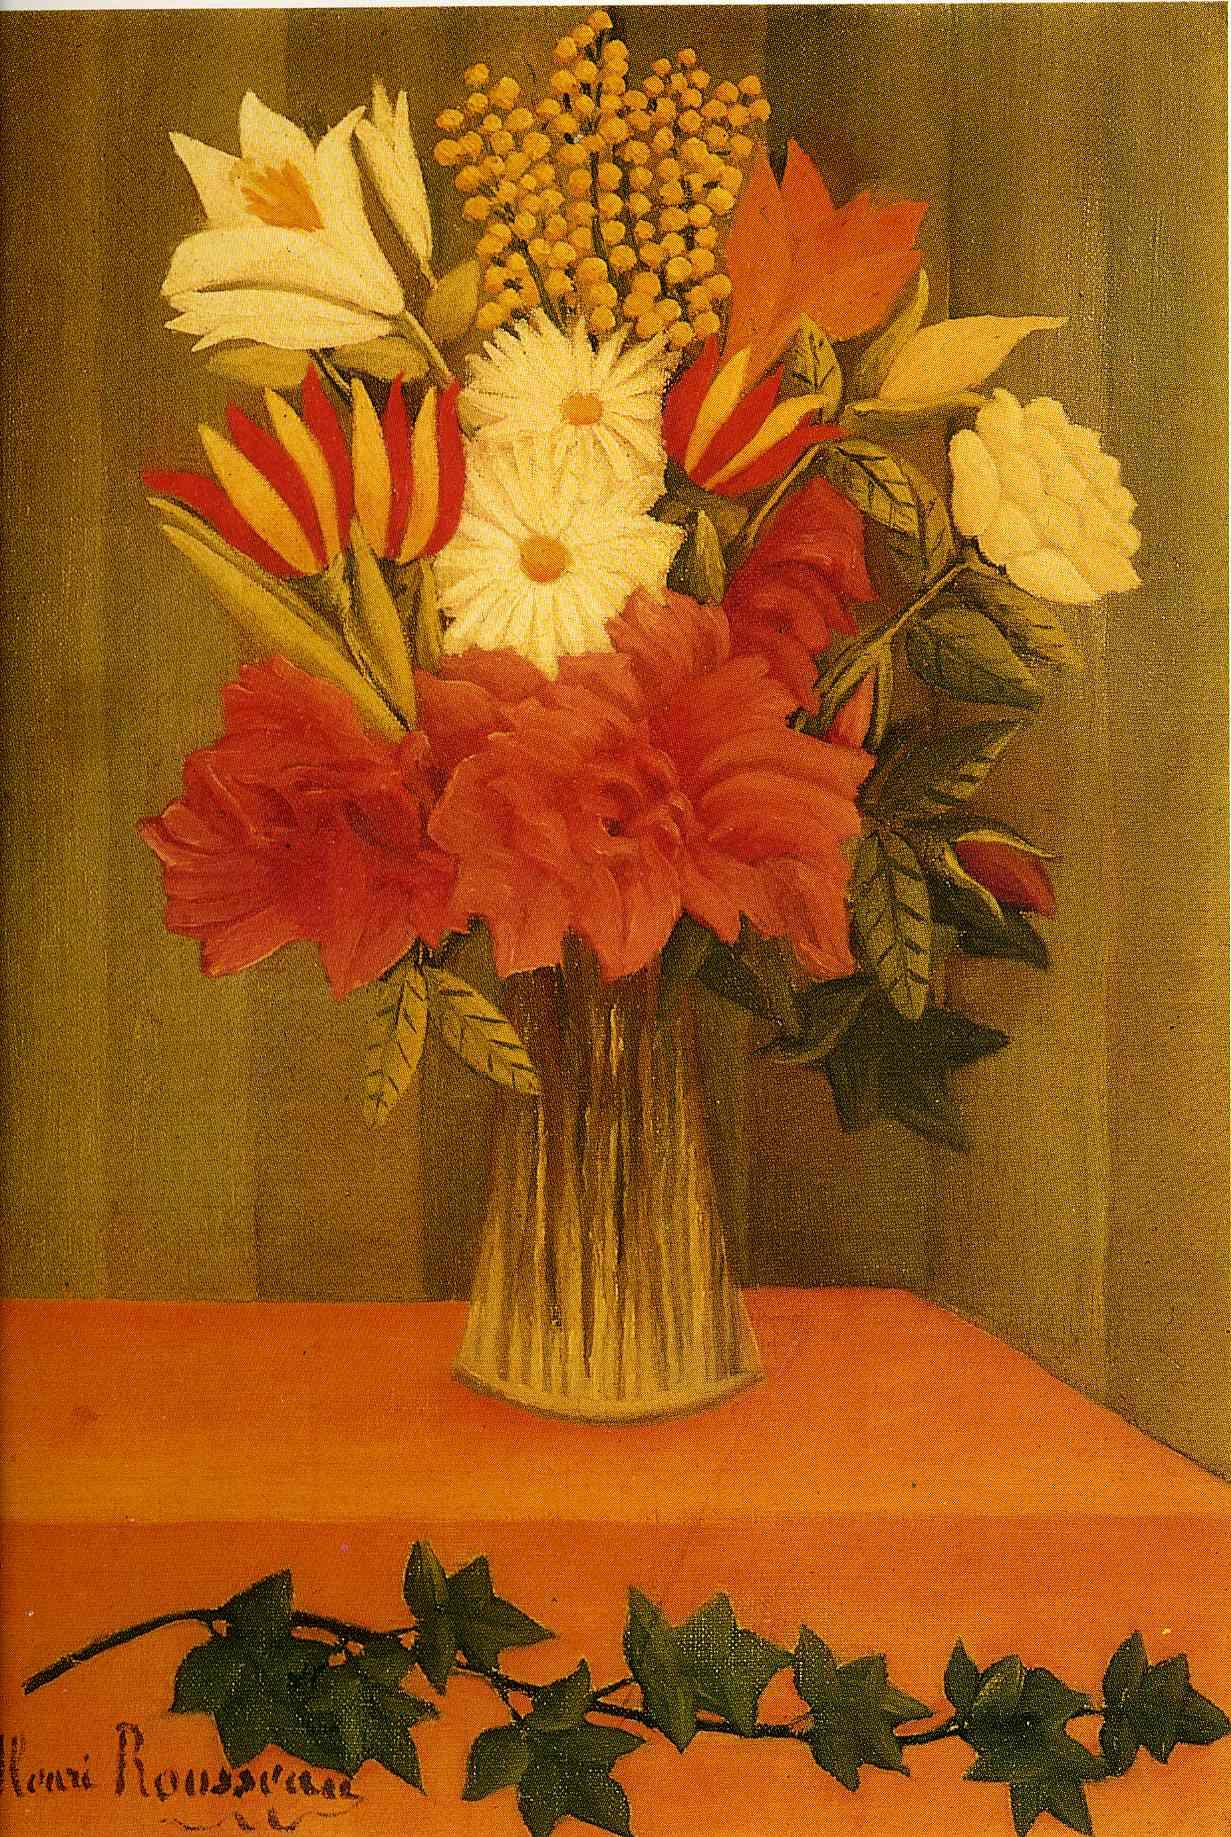 Vase of flowers 1901 1902 henri rousseau wikiart vase of flowers 1901 1902 henri rousseau reviewsmspy